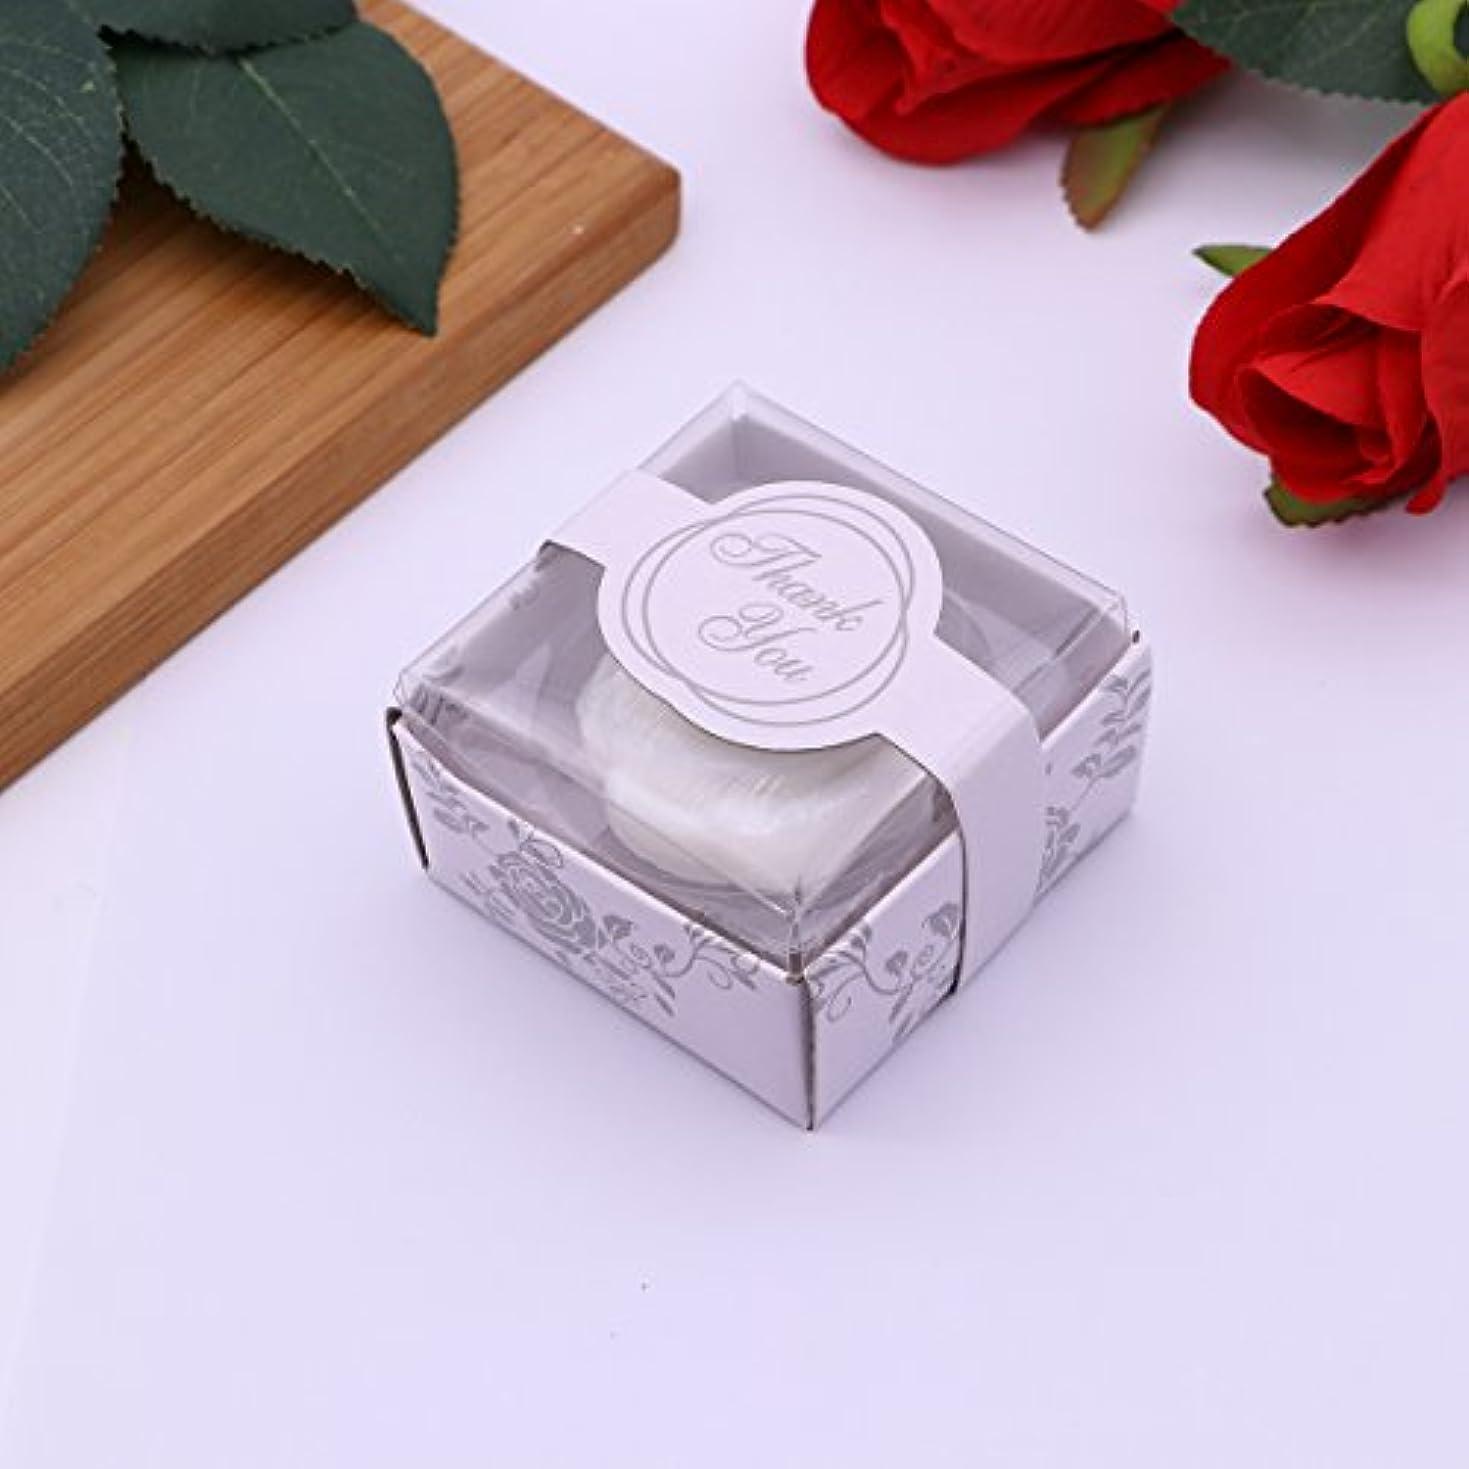 リーフレットエアコン出版Amosfun 手作り石鹸オイルローズフラワーソープアロマエッセンシャルオイルギフト記念日誕生日結婚式バレンタインデー(ホワイト)20ピース